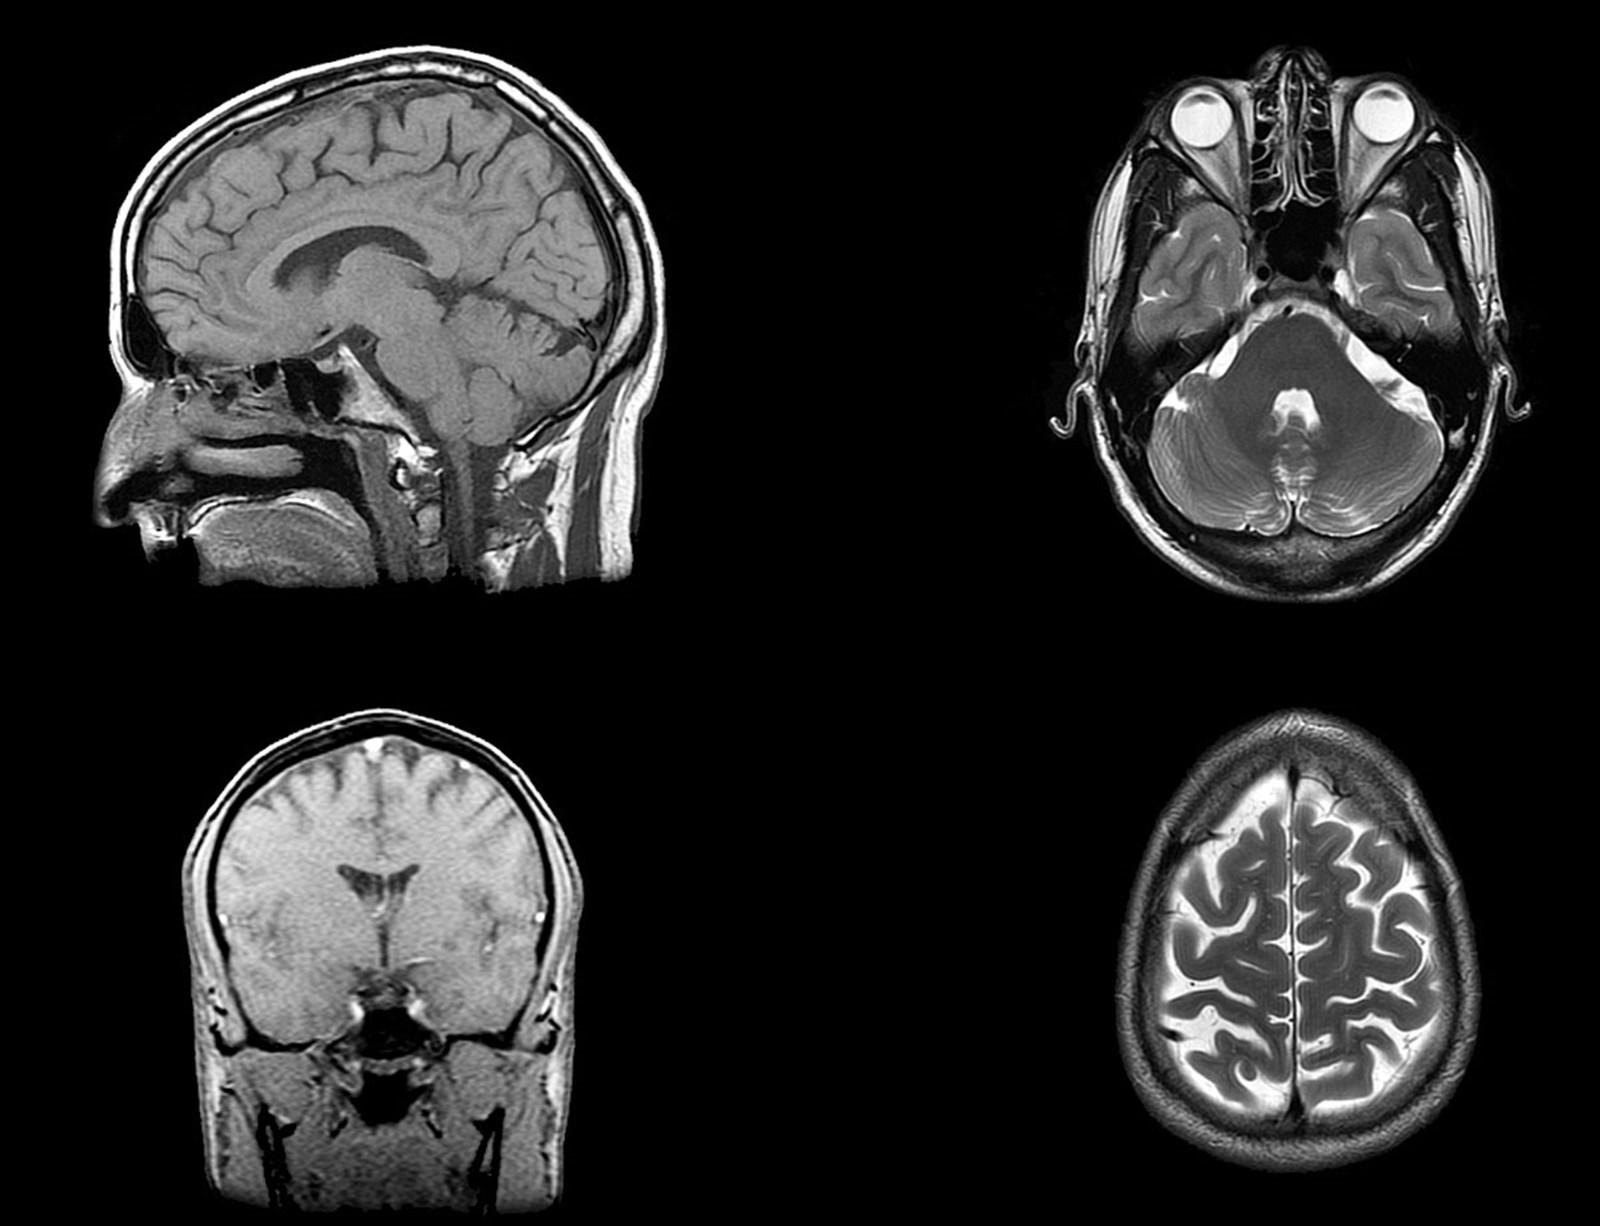 Unser Gehirn spielt in Ruhephasen Erfahrungen im Zeitraffer wieder ab